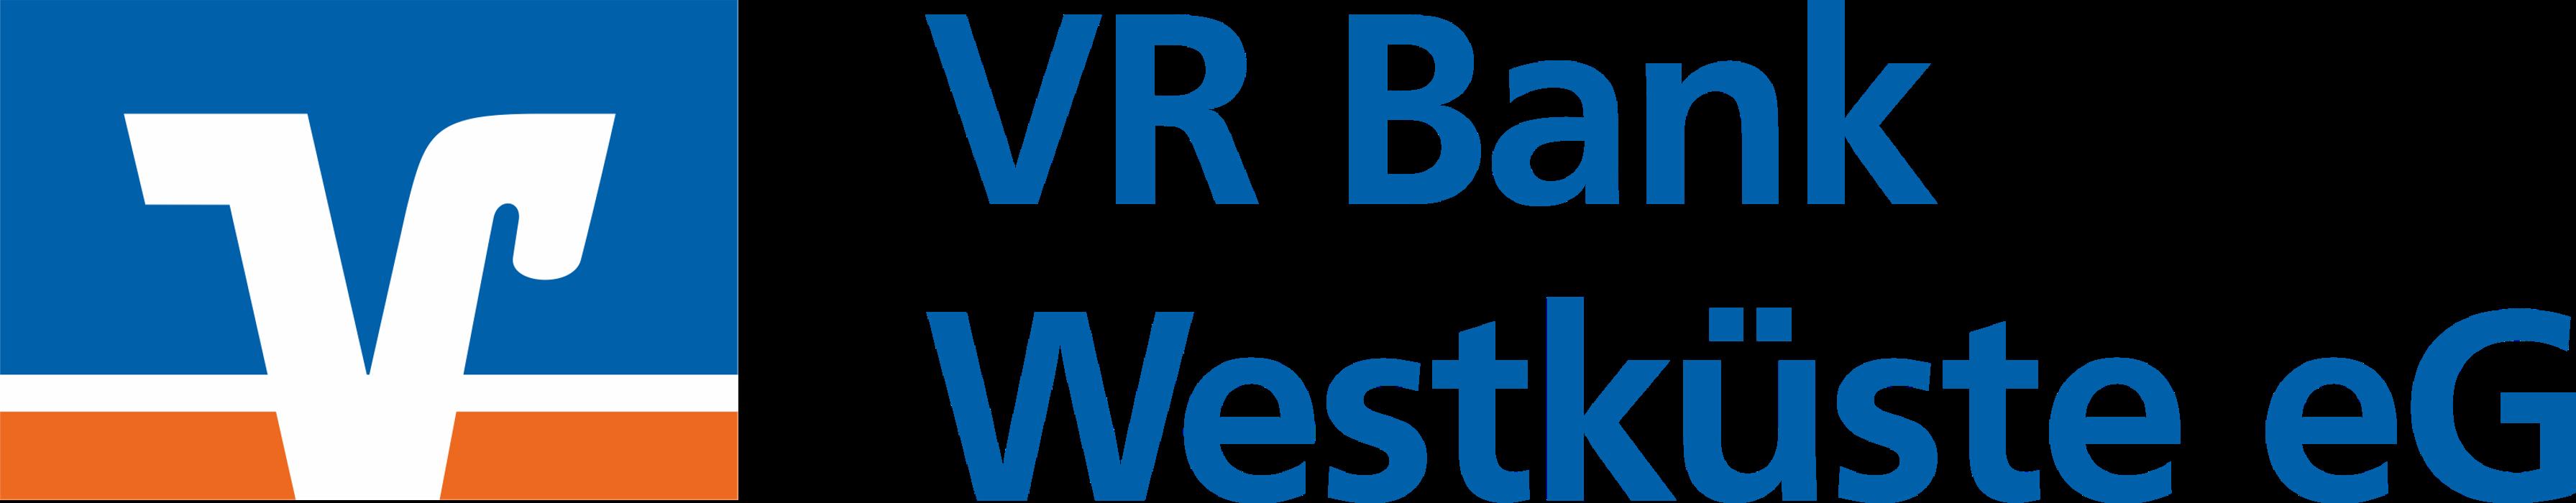 Logo von VR Bank Westküste eG Geschäftsstelle St. Peter-Ording Bad